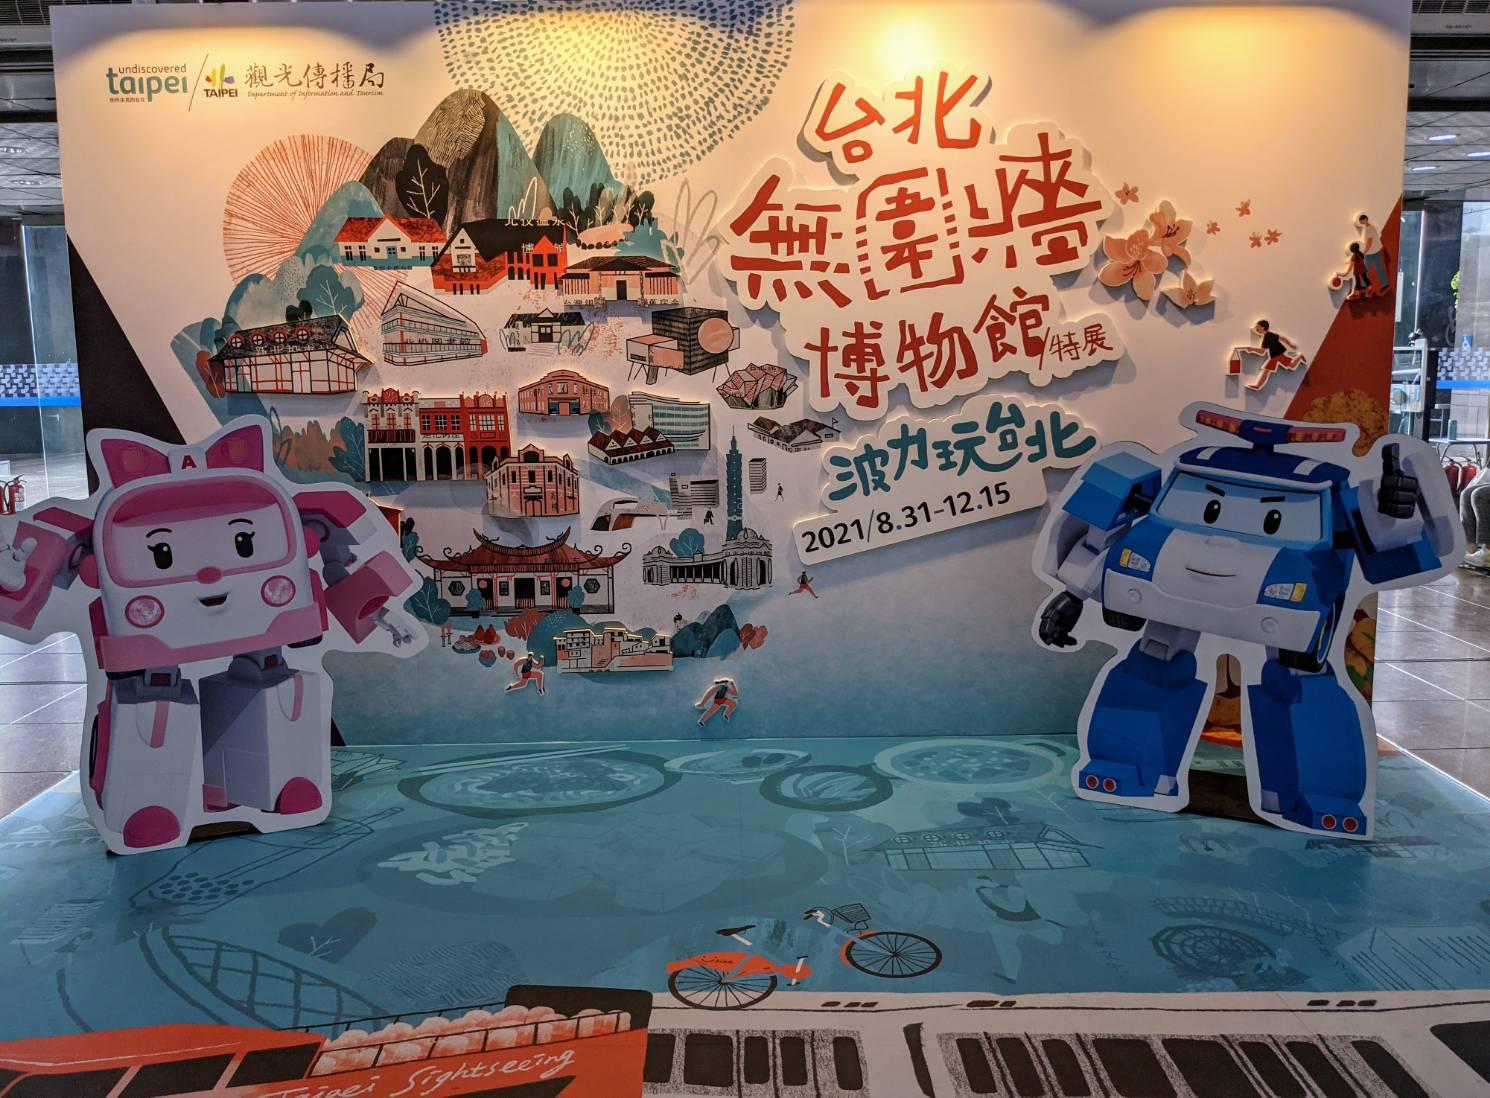 台北無圍牆博物館特展-波力玩台北